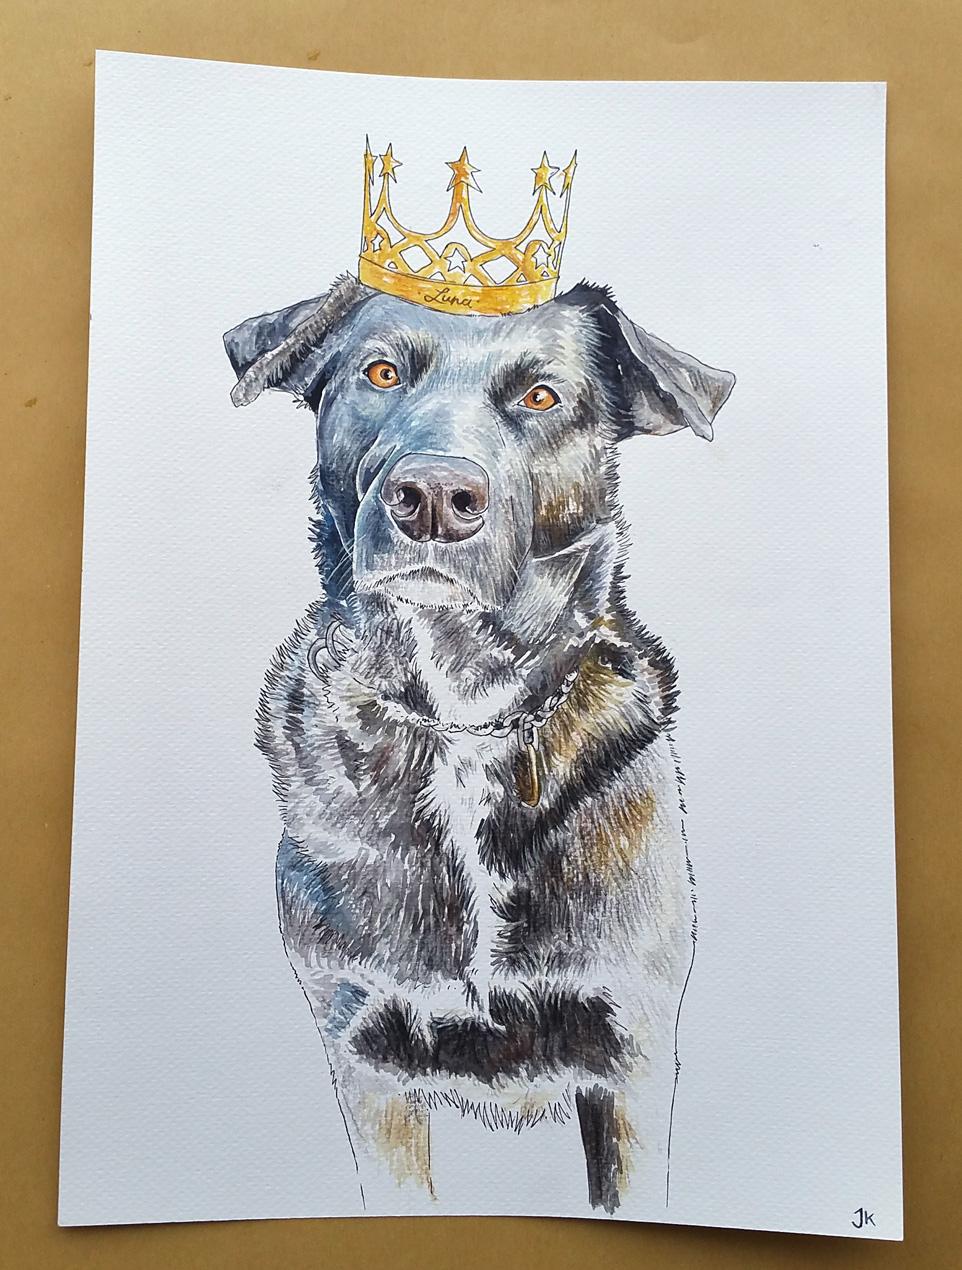 Luna, die Prinzessin mit der Krone (Extrawunsch der Kundin)